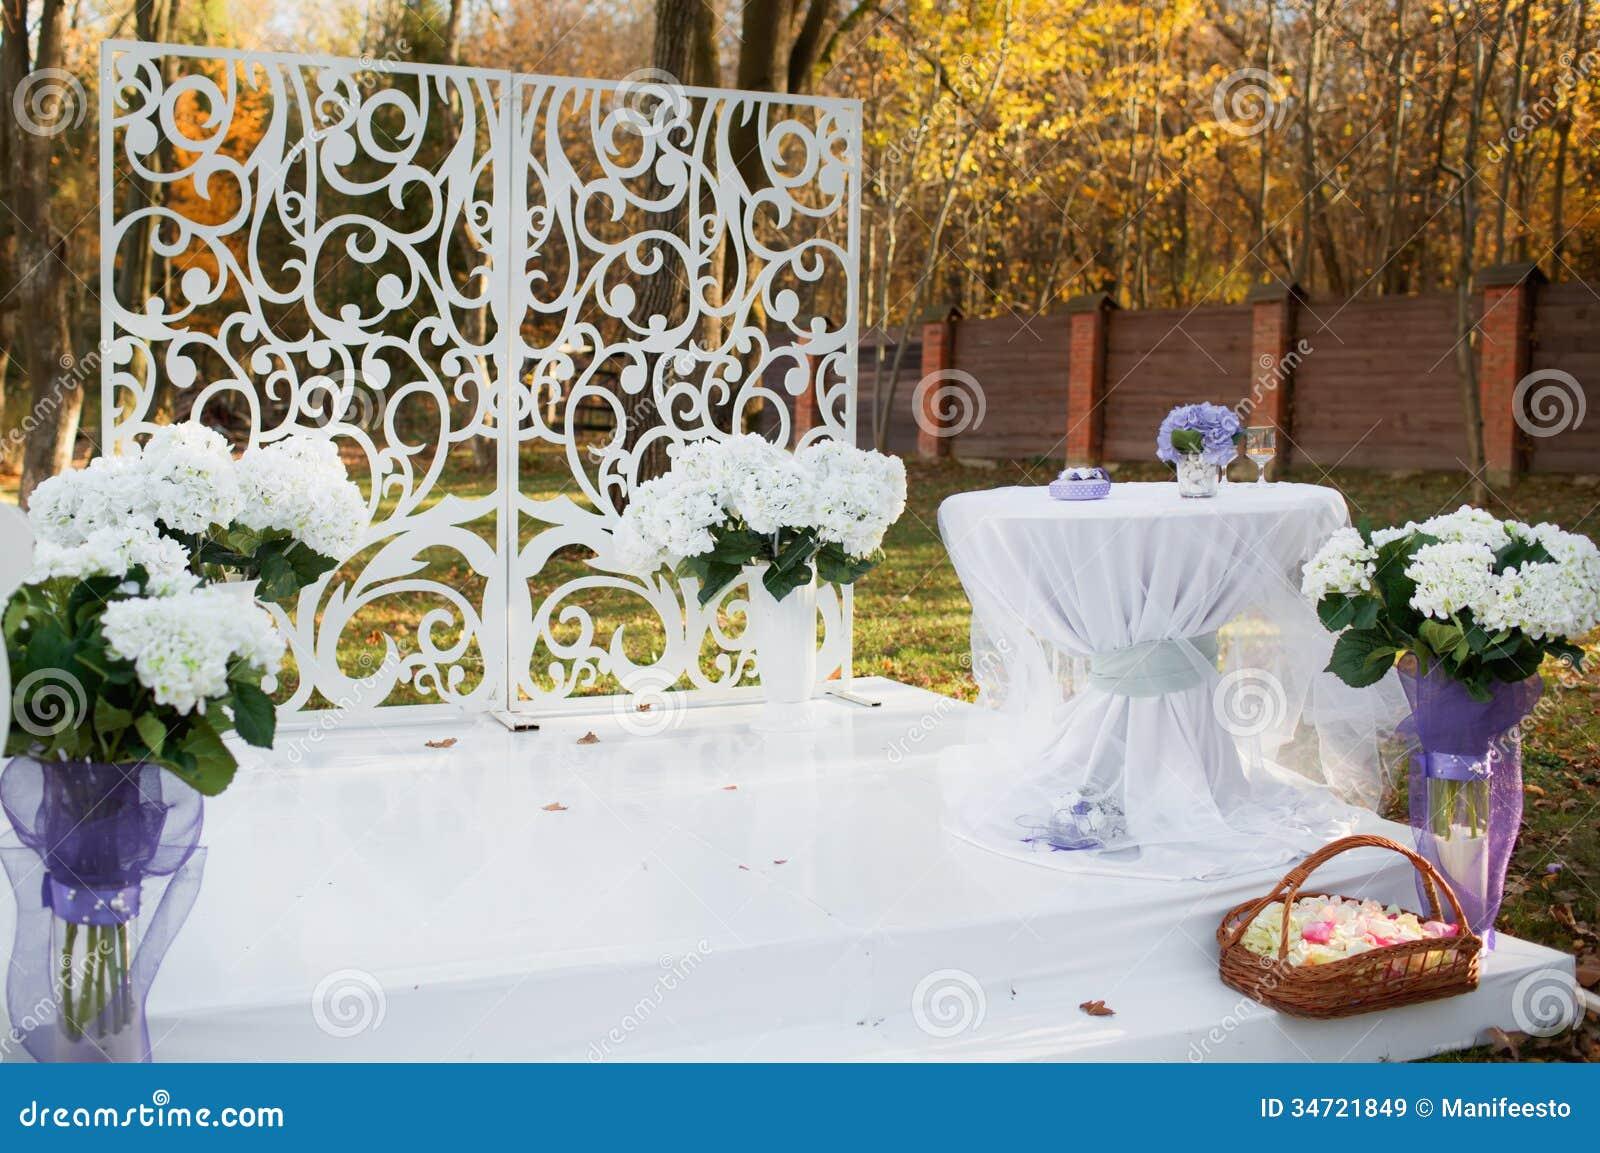 Hochzeitsdekoration Im Garten. Lizenzfreie Stockbilder - Bild ...